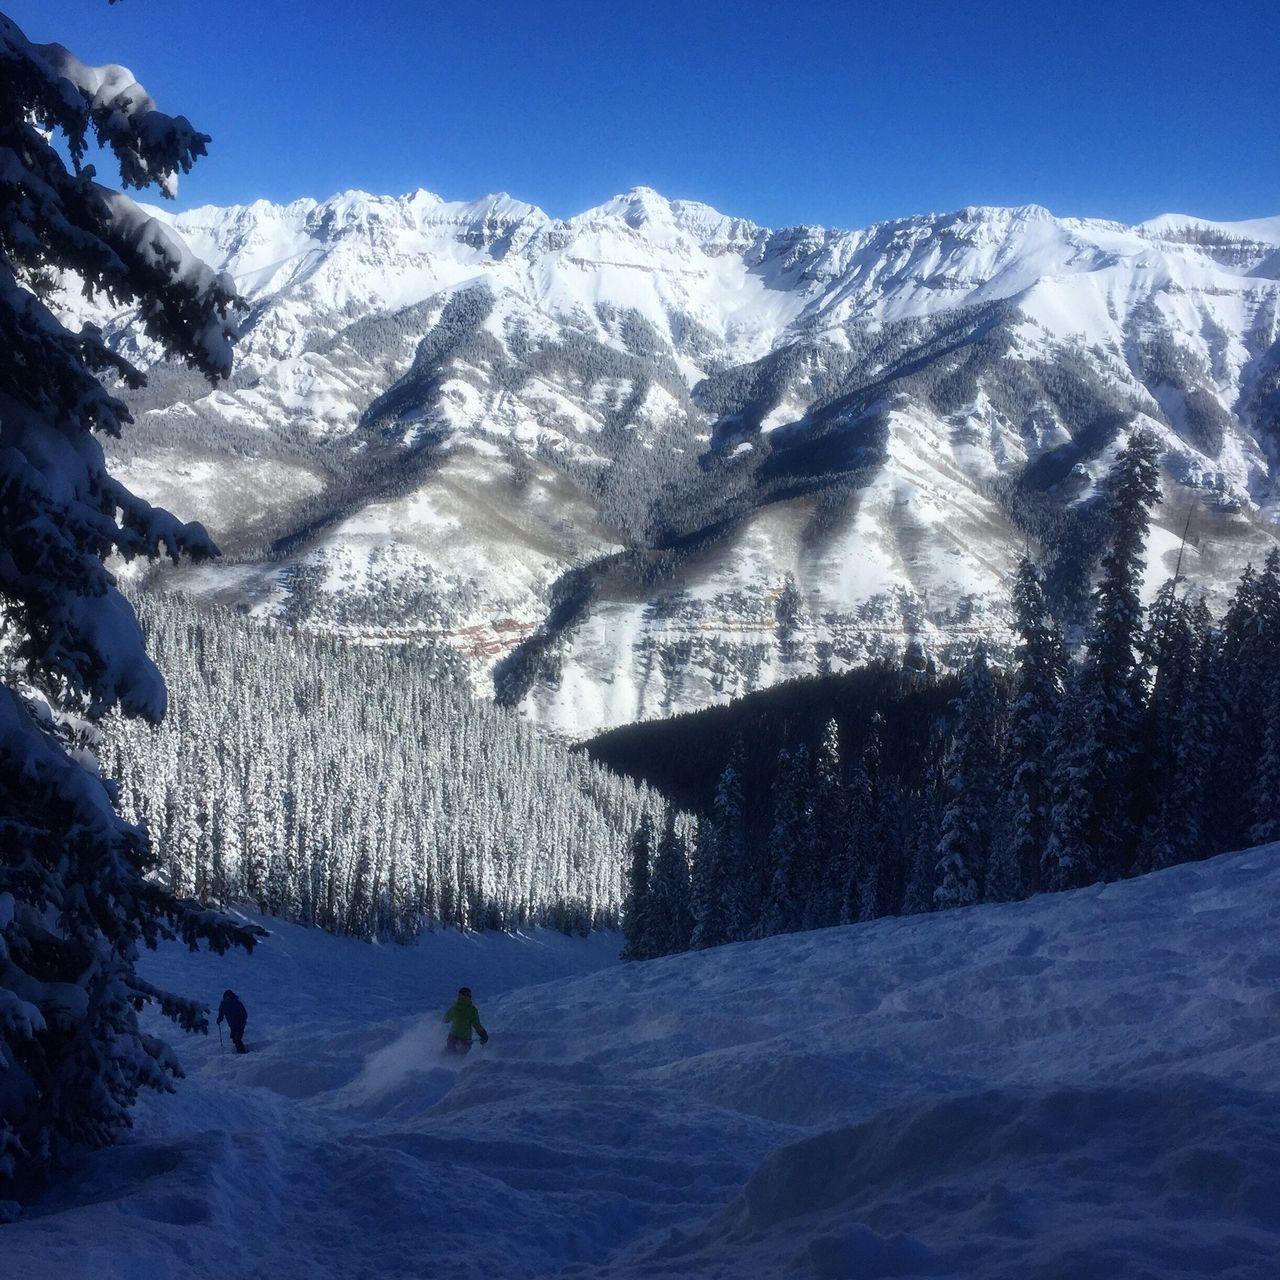 First Eyeem Photo Ski Snowboarding Snow ❄ Telluride Colorado Mountains Outdoor Photography Mountain Range Outdoors